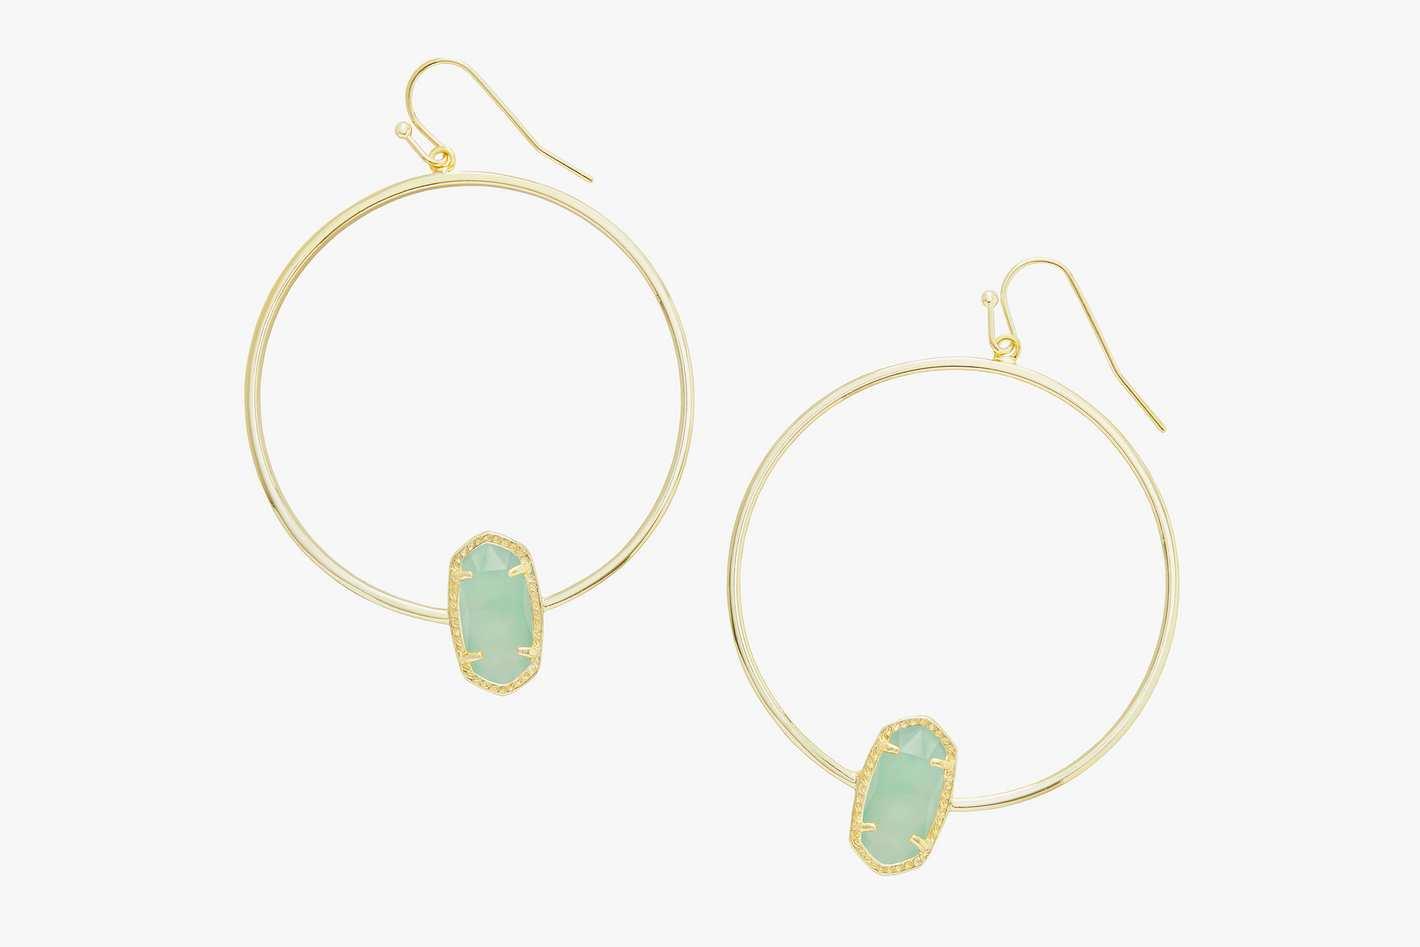 Kendra Scott Elora Gold Hoop Earrings